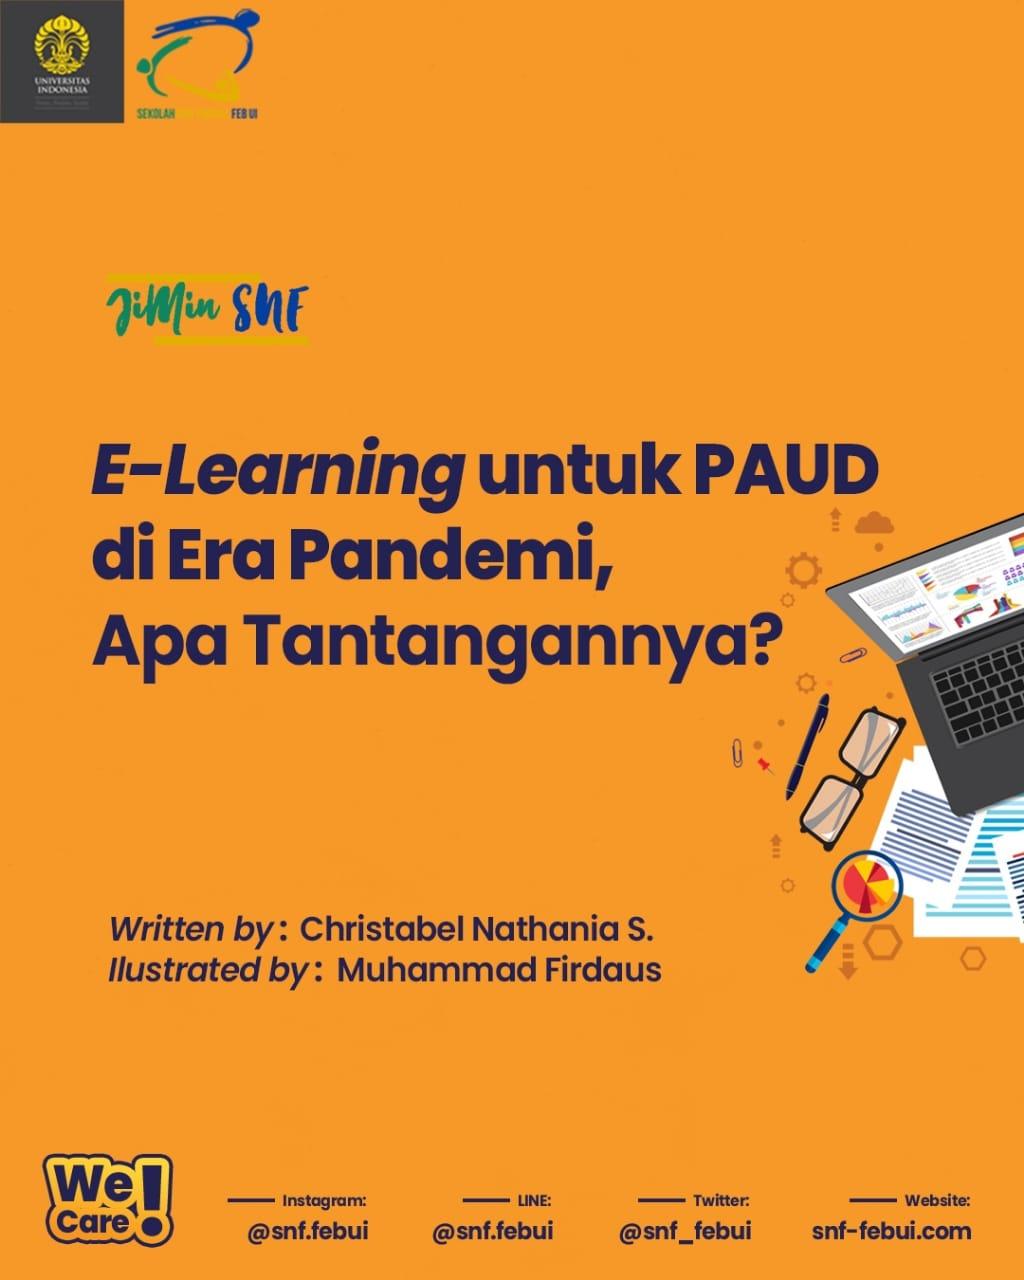 JIMIN SNF — E-Learning Untuk PAUD di Era Pandemi, Apa Tantangannya?